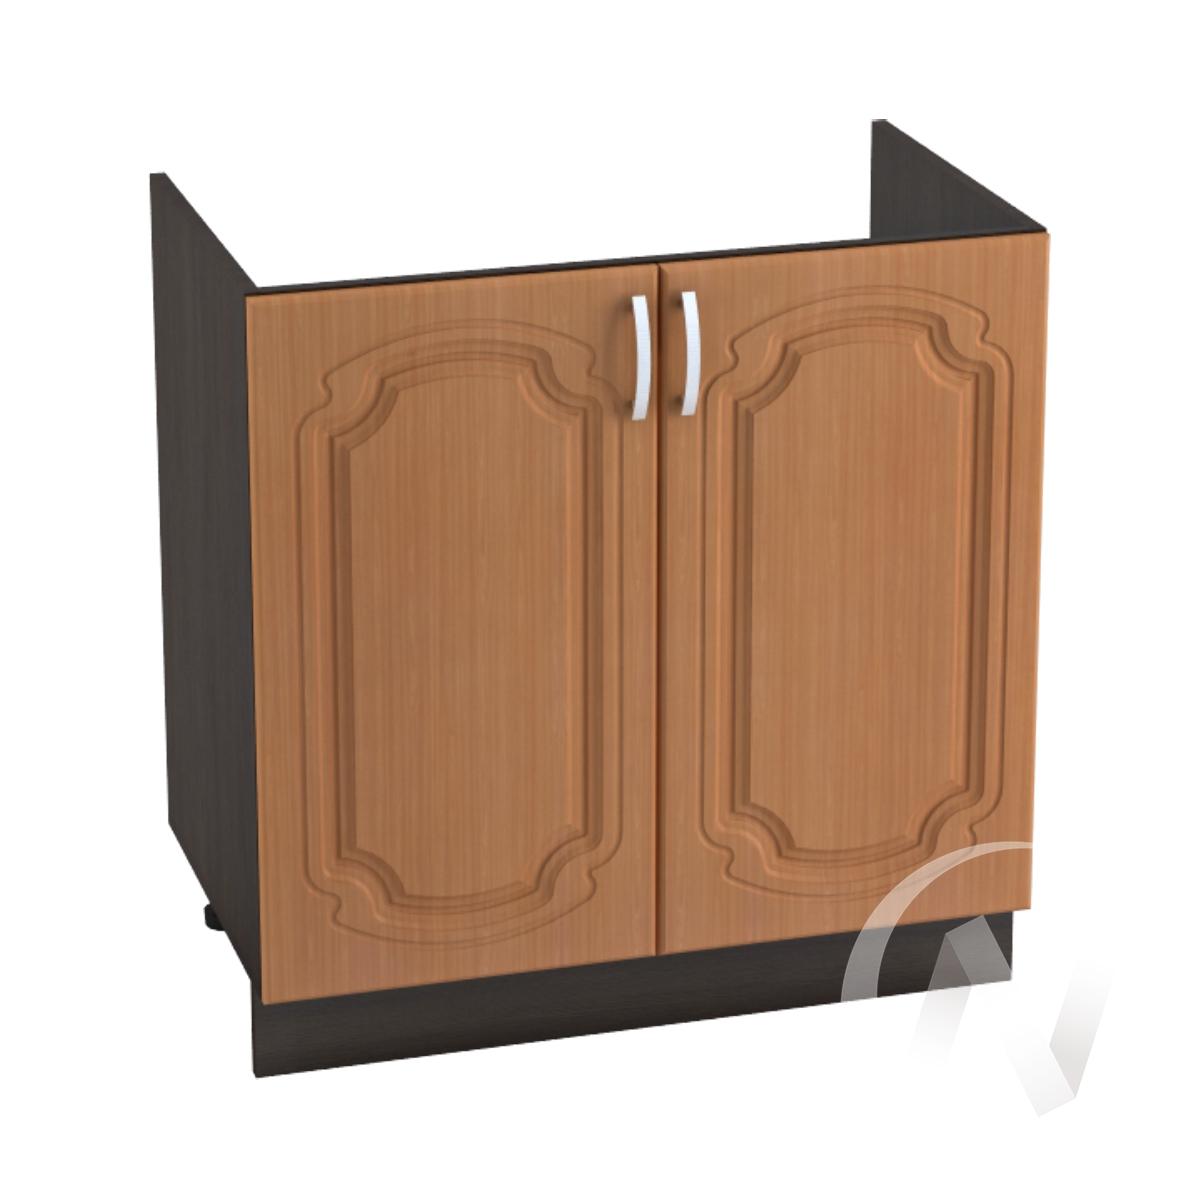 """Кухня """"Настя"""": Шкаф нижний под мойку 800, ШНМ 800 новый (Орех миланский/корпус венге)"""